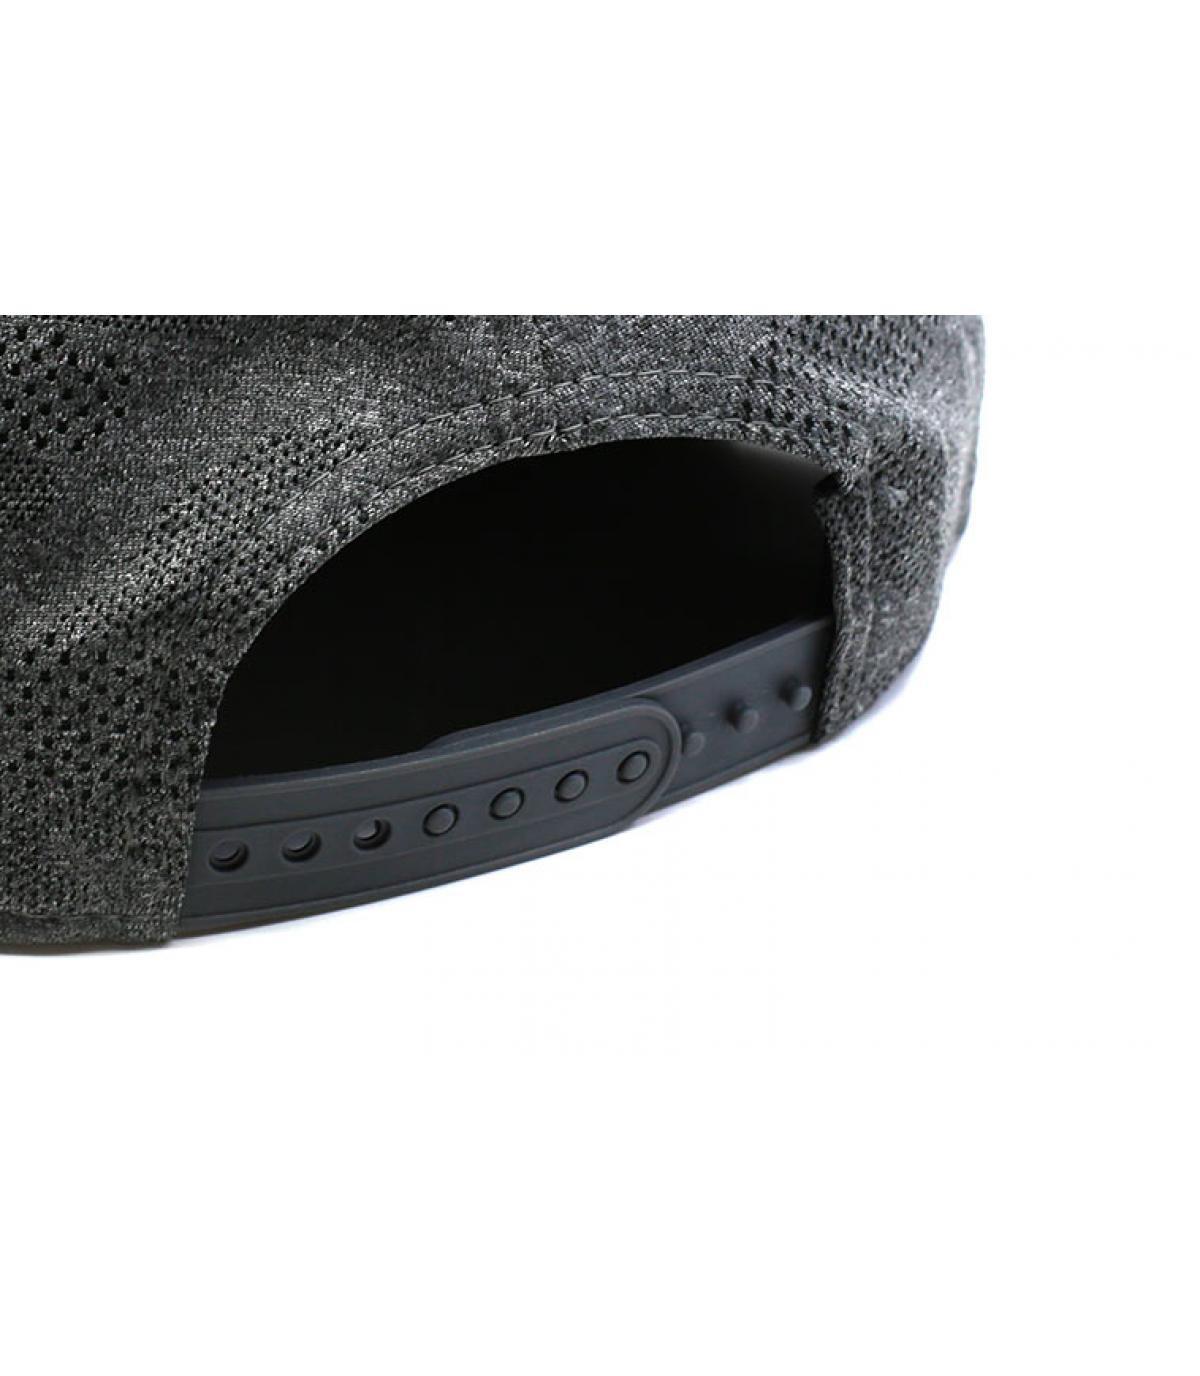 Détails Snapback Engineered Plus Raiders 950 gray black - image 5